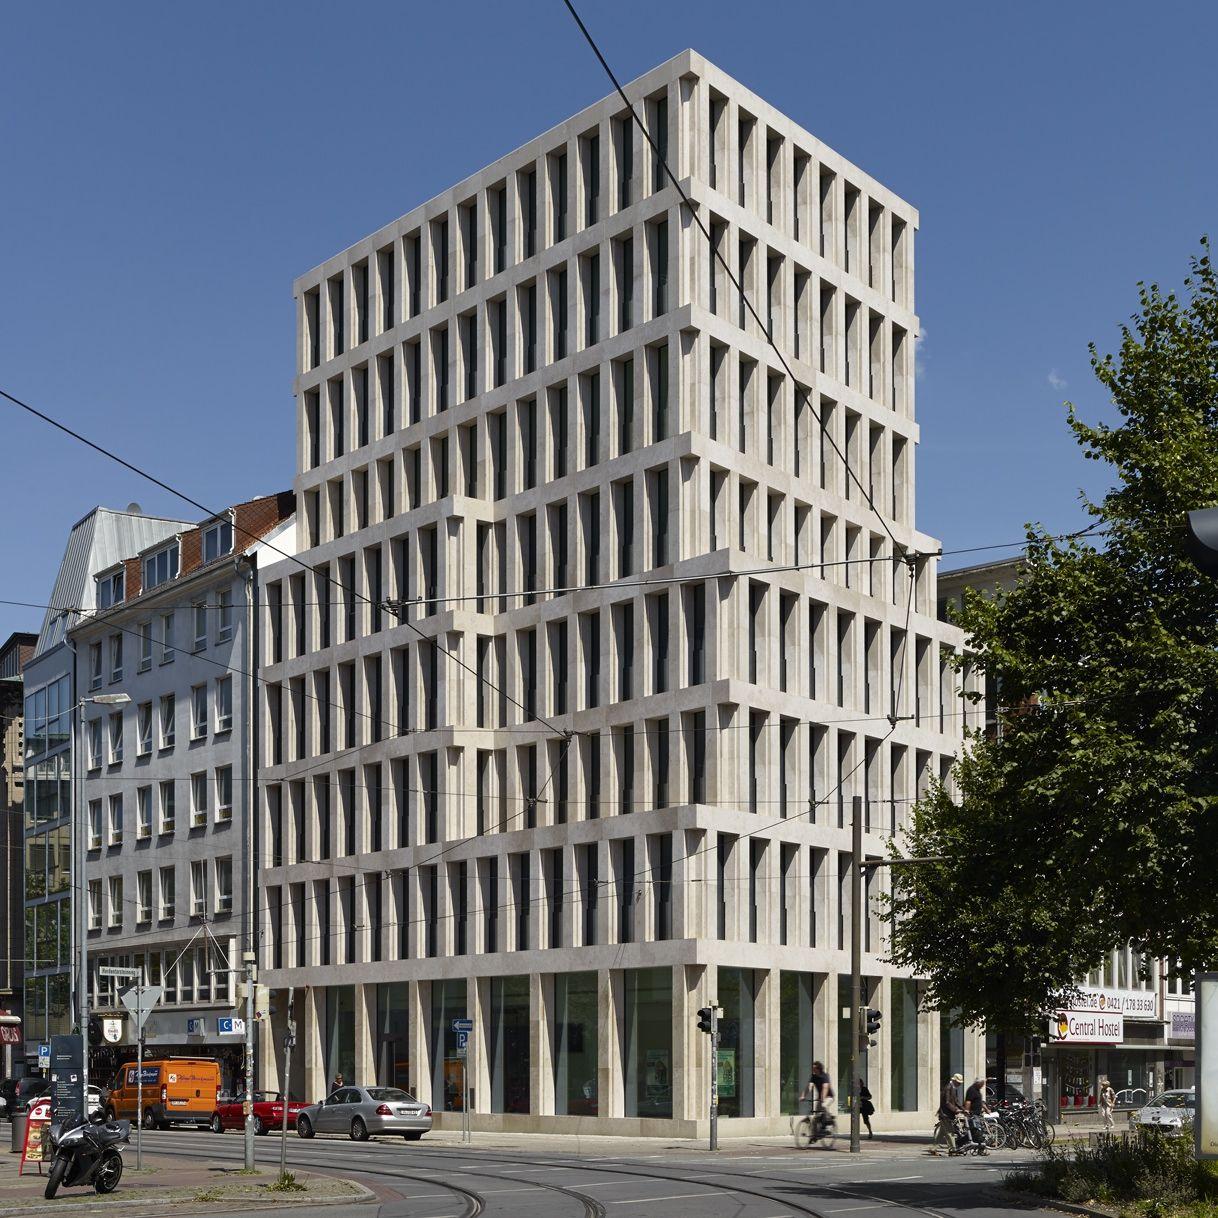 architekt max dudler baut in bremen stadthaus bahnhofstra e stadthaus bremen und architekten. Black Bedroom Furniture Sets. Home Design Ideas